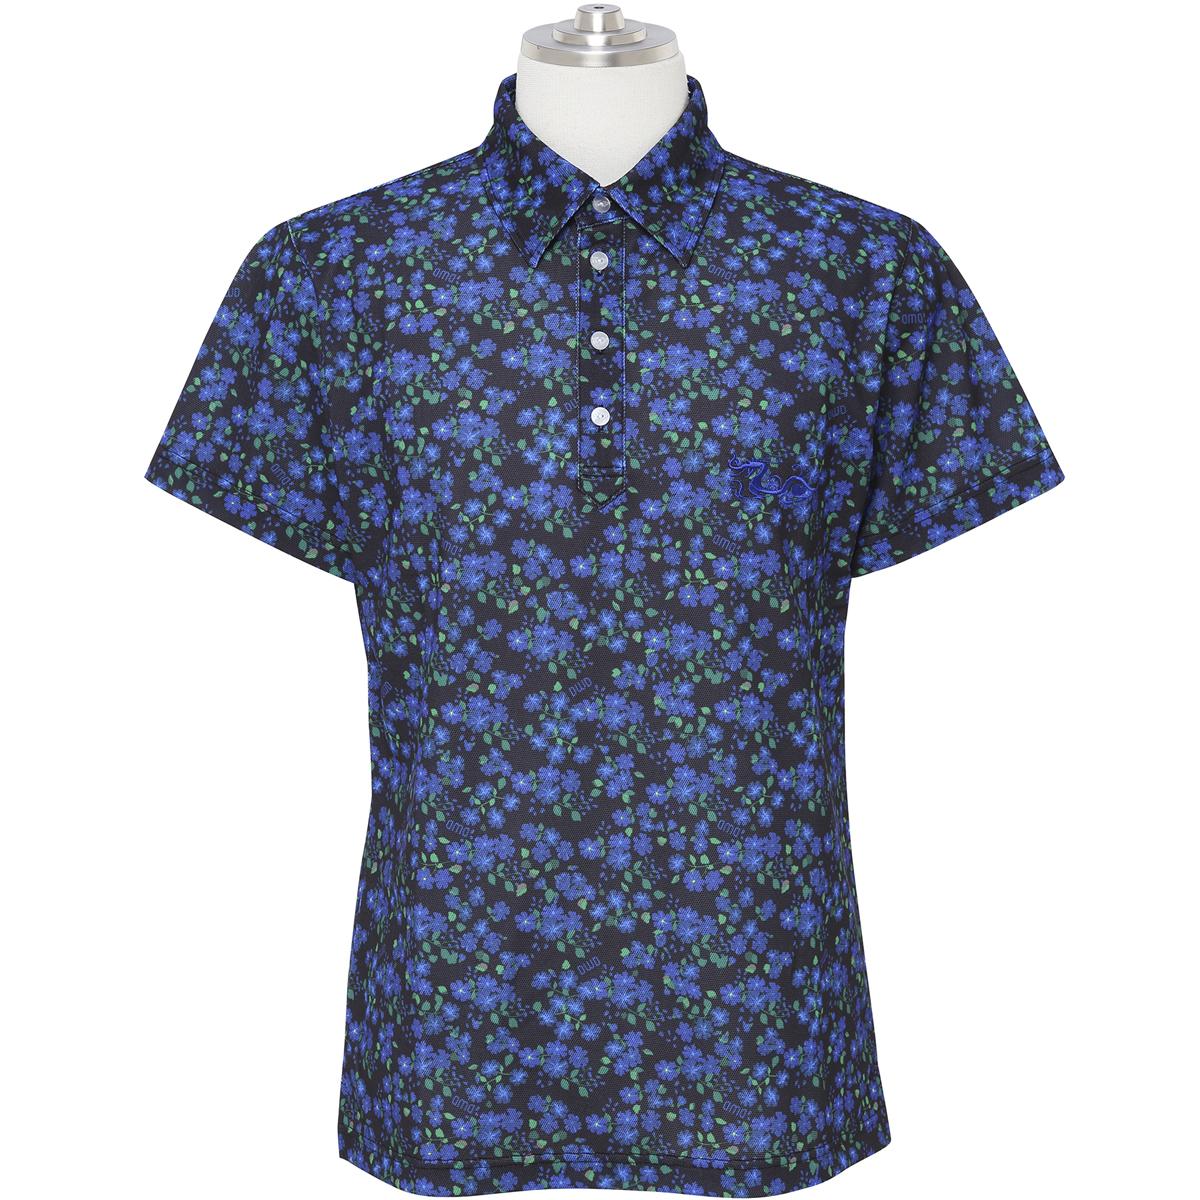 ジャガーフラワープリントストレッチ半袖ポロシャツ